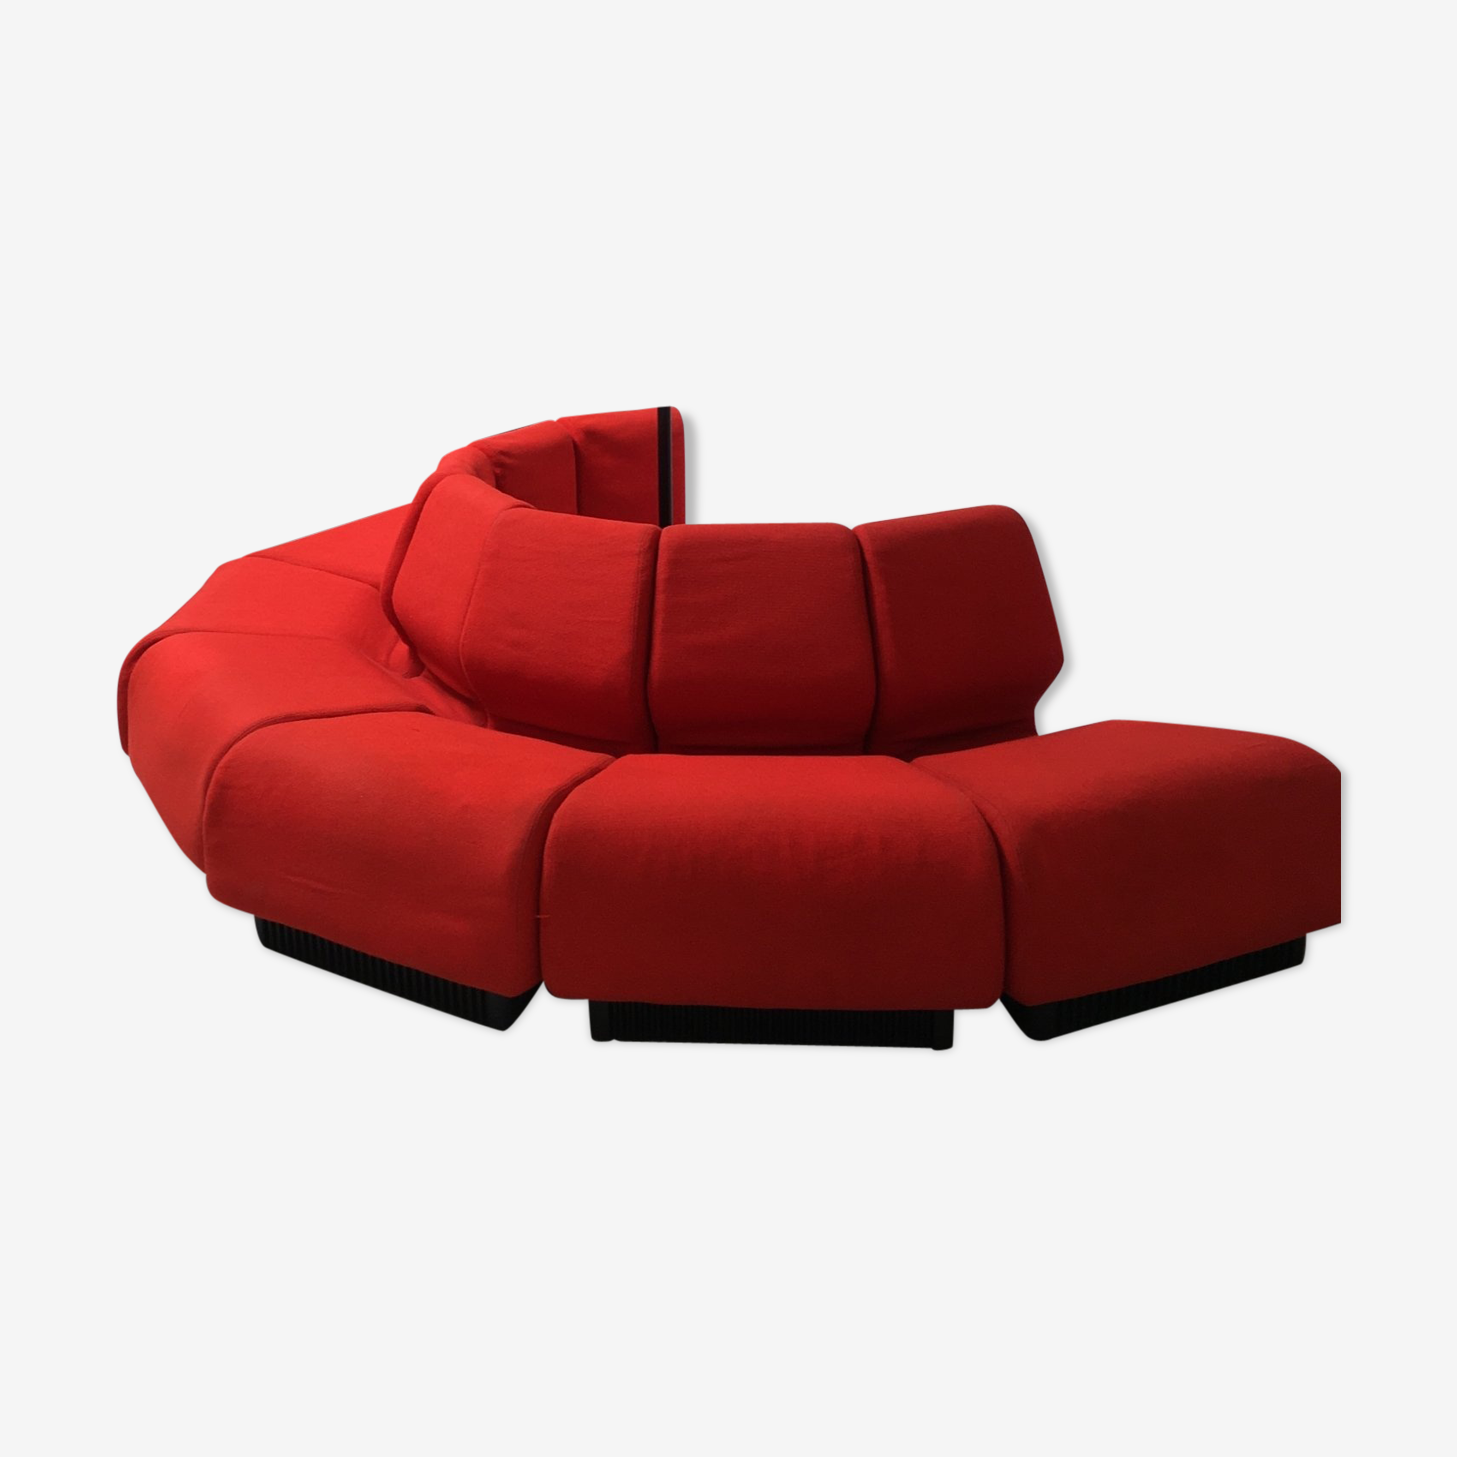 Canapé modulaire rouge par Don Chadwick pour Herman Miller